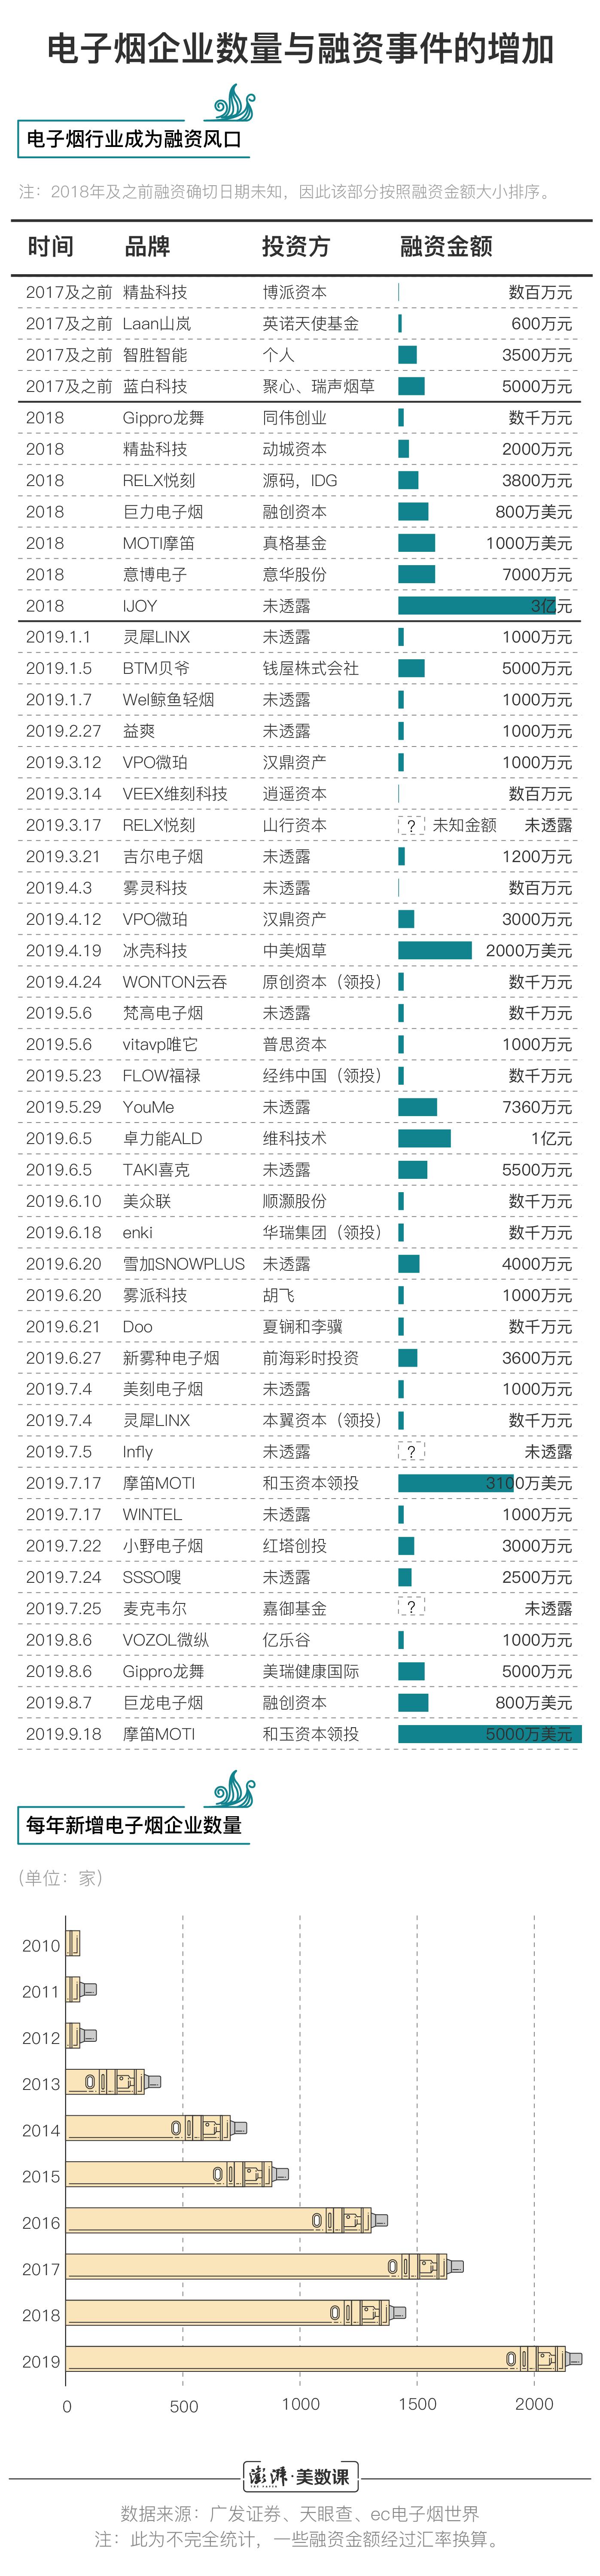 越南最大通信运营商采用诺基亚和爱立信5G设备